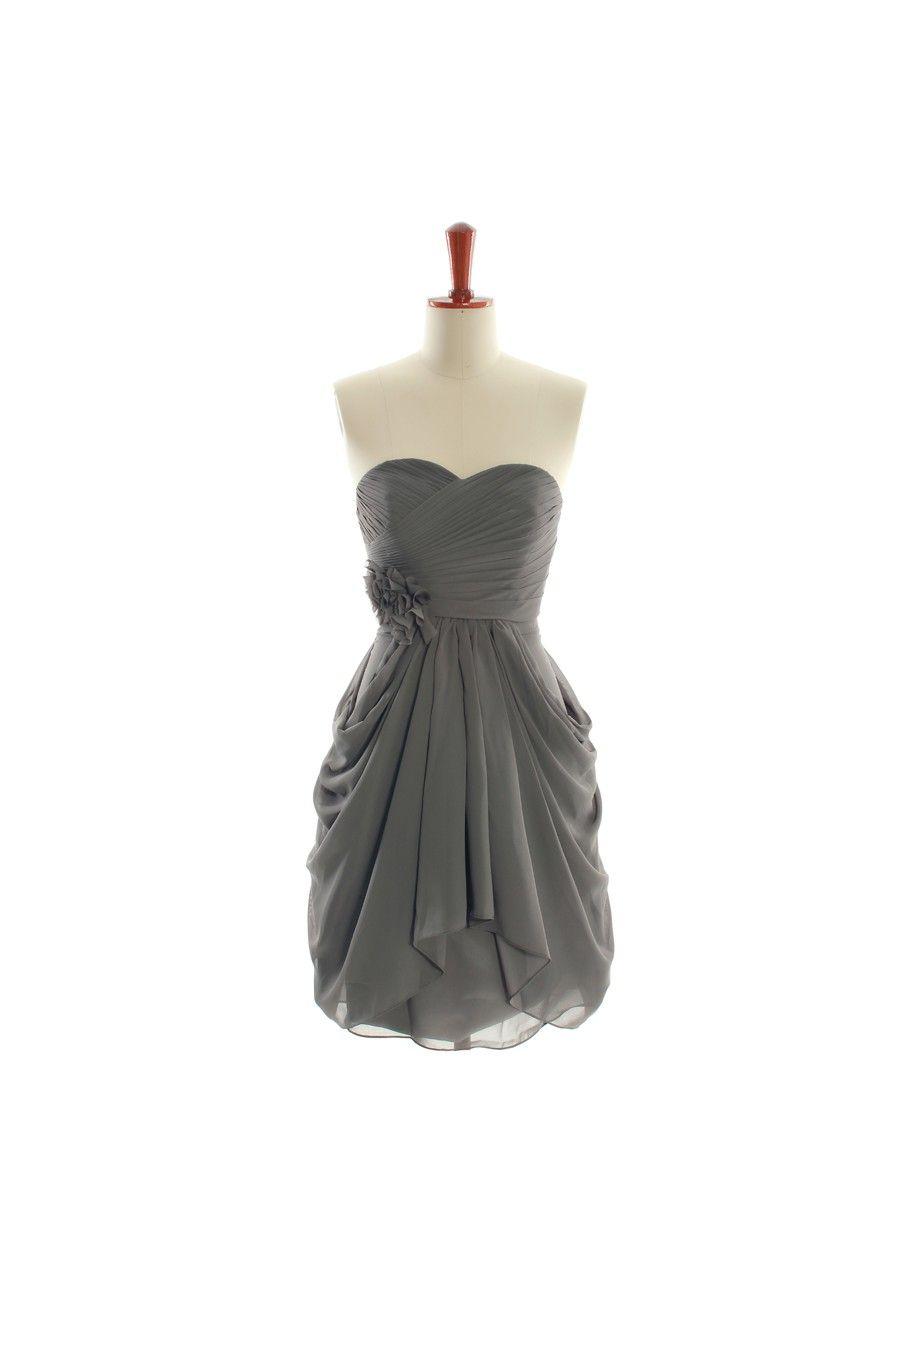 After wedding dress ideas  Skirt pattern for redoing dress after wedding for more formal uses